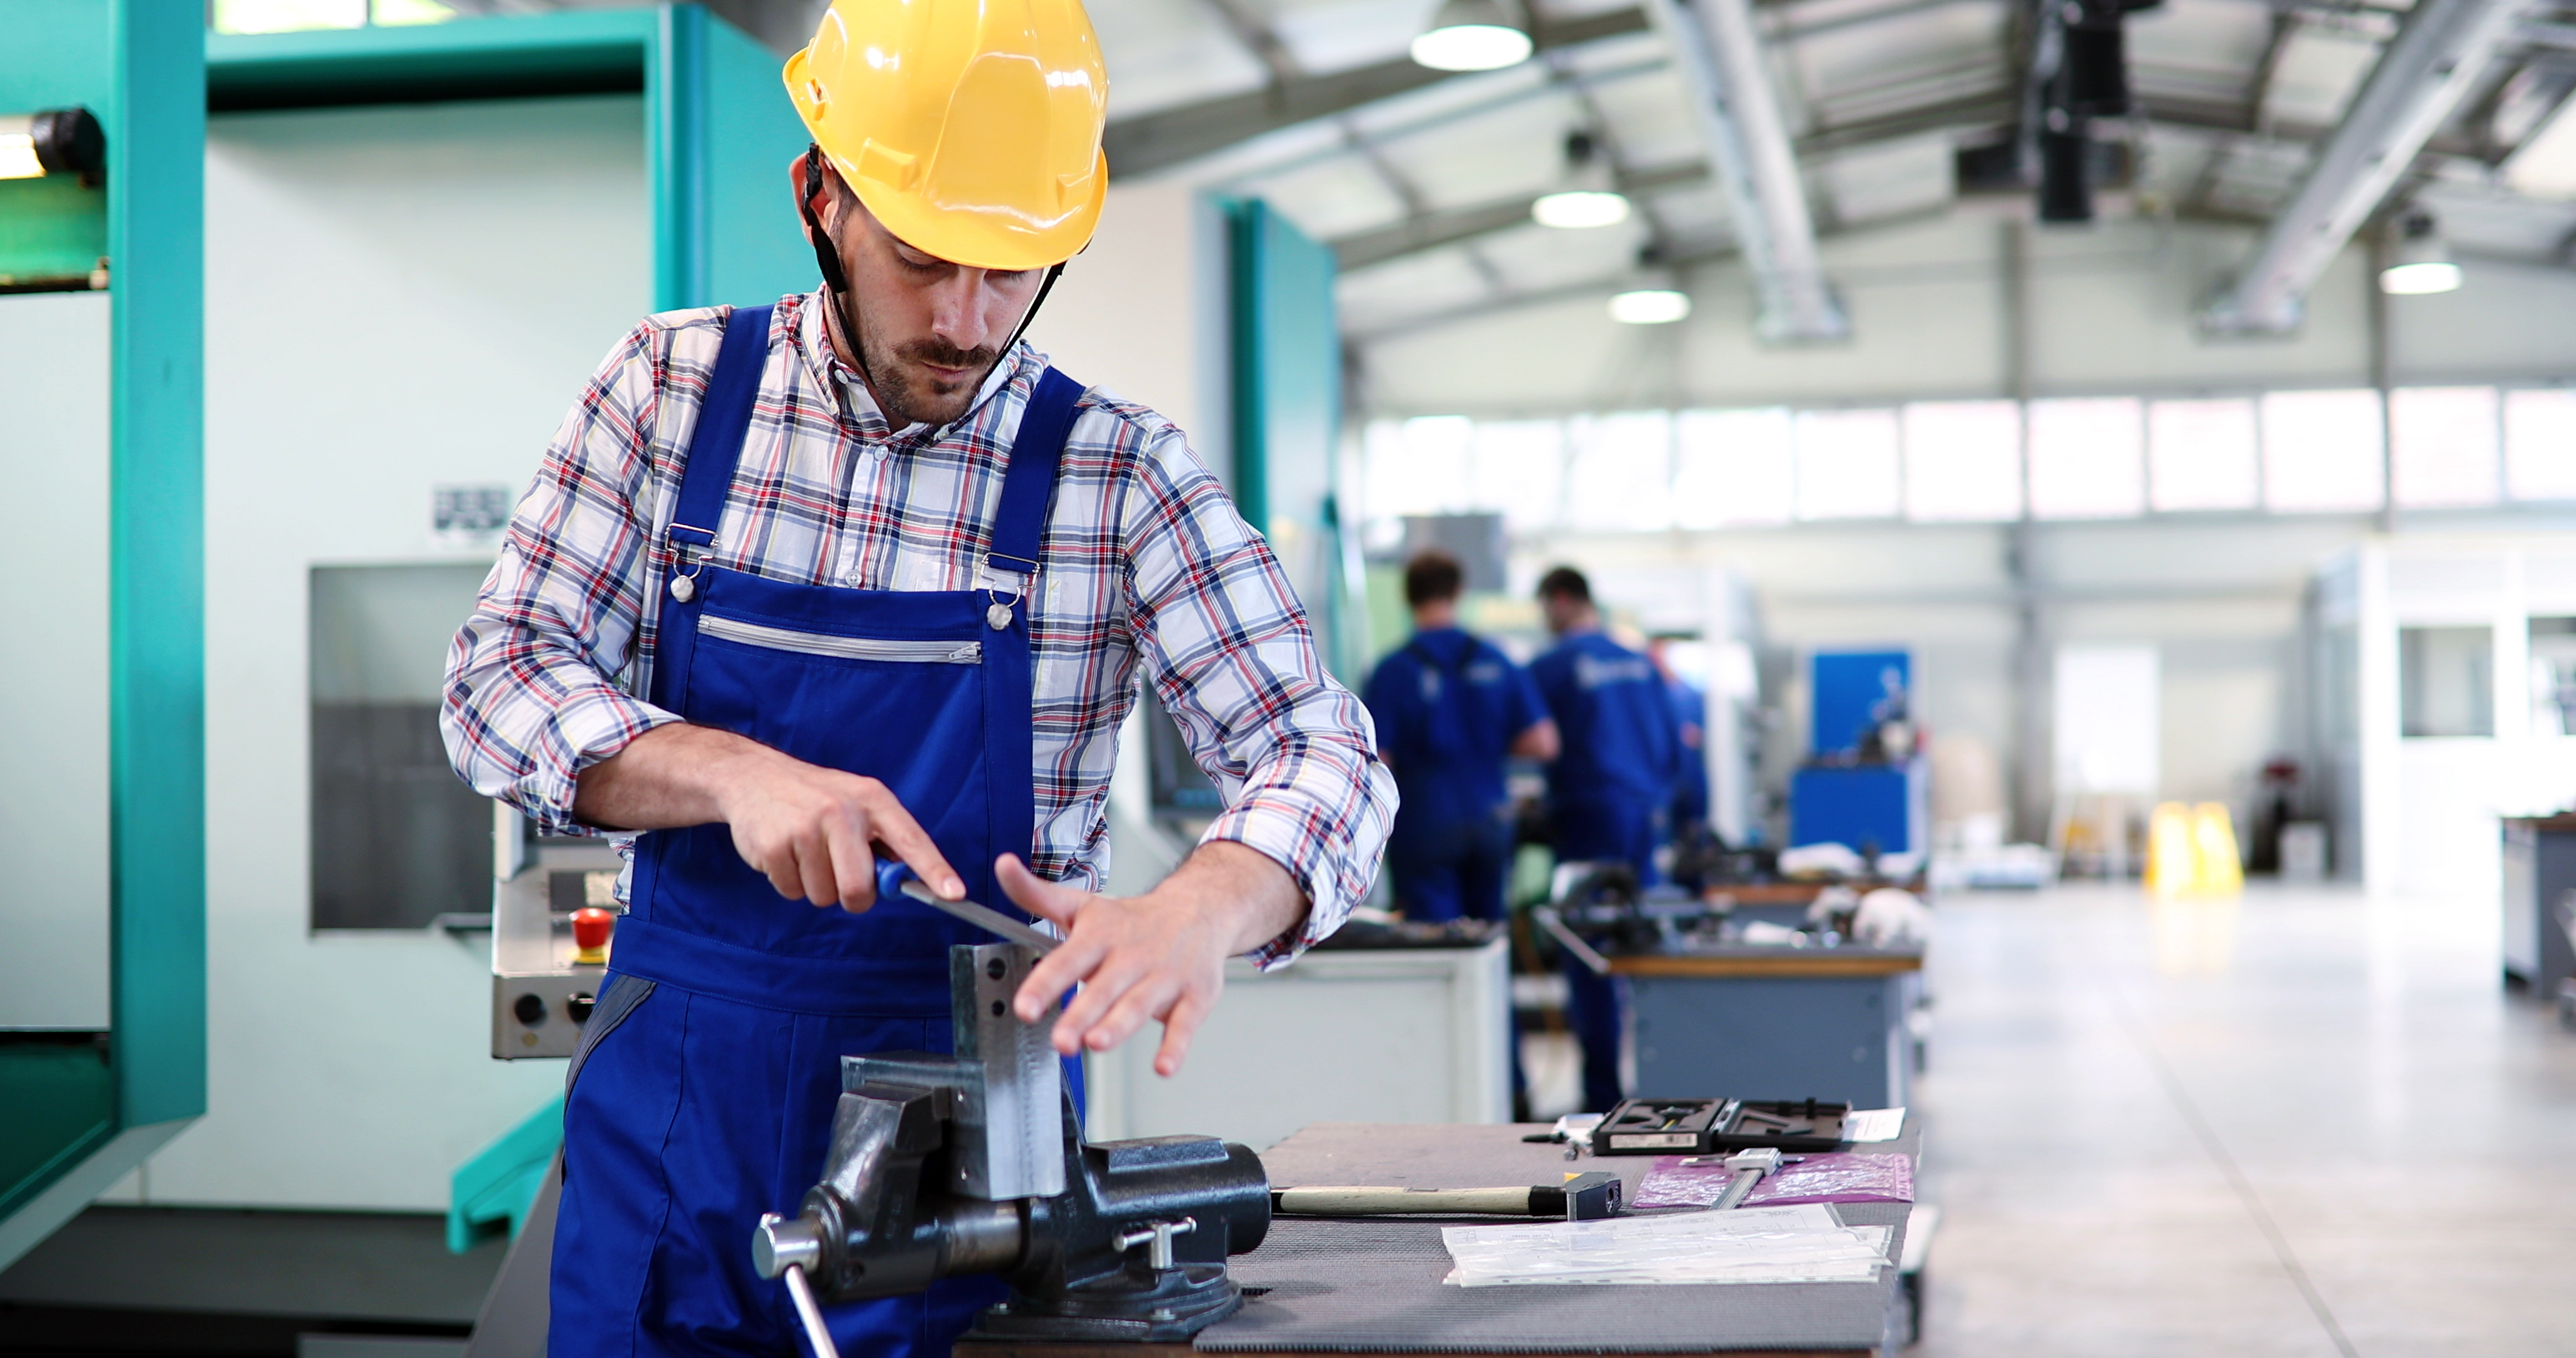 aumentar a produtividade na usinagem